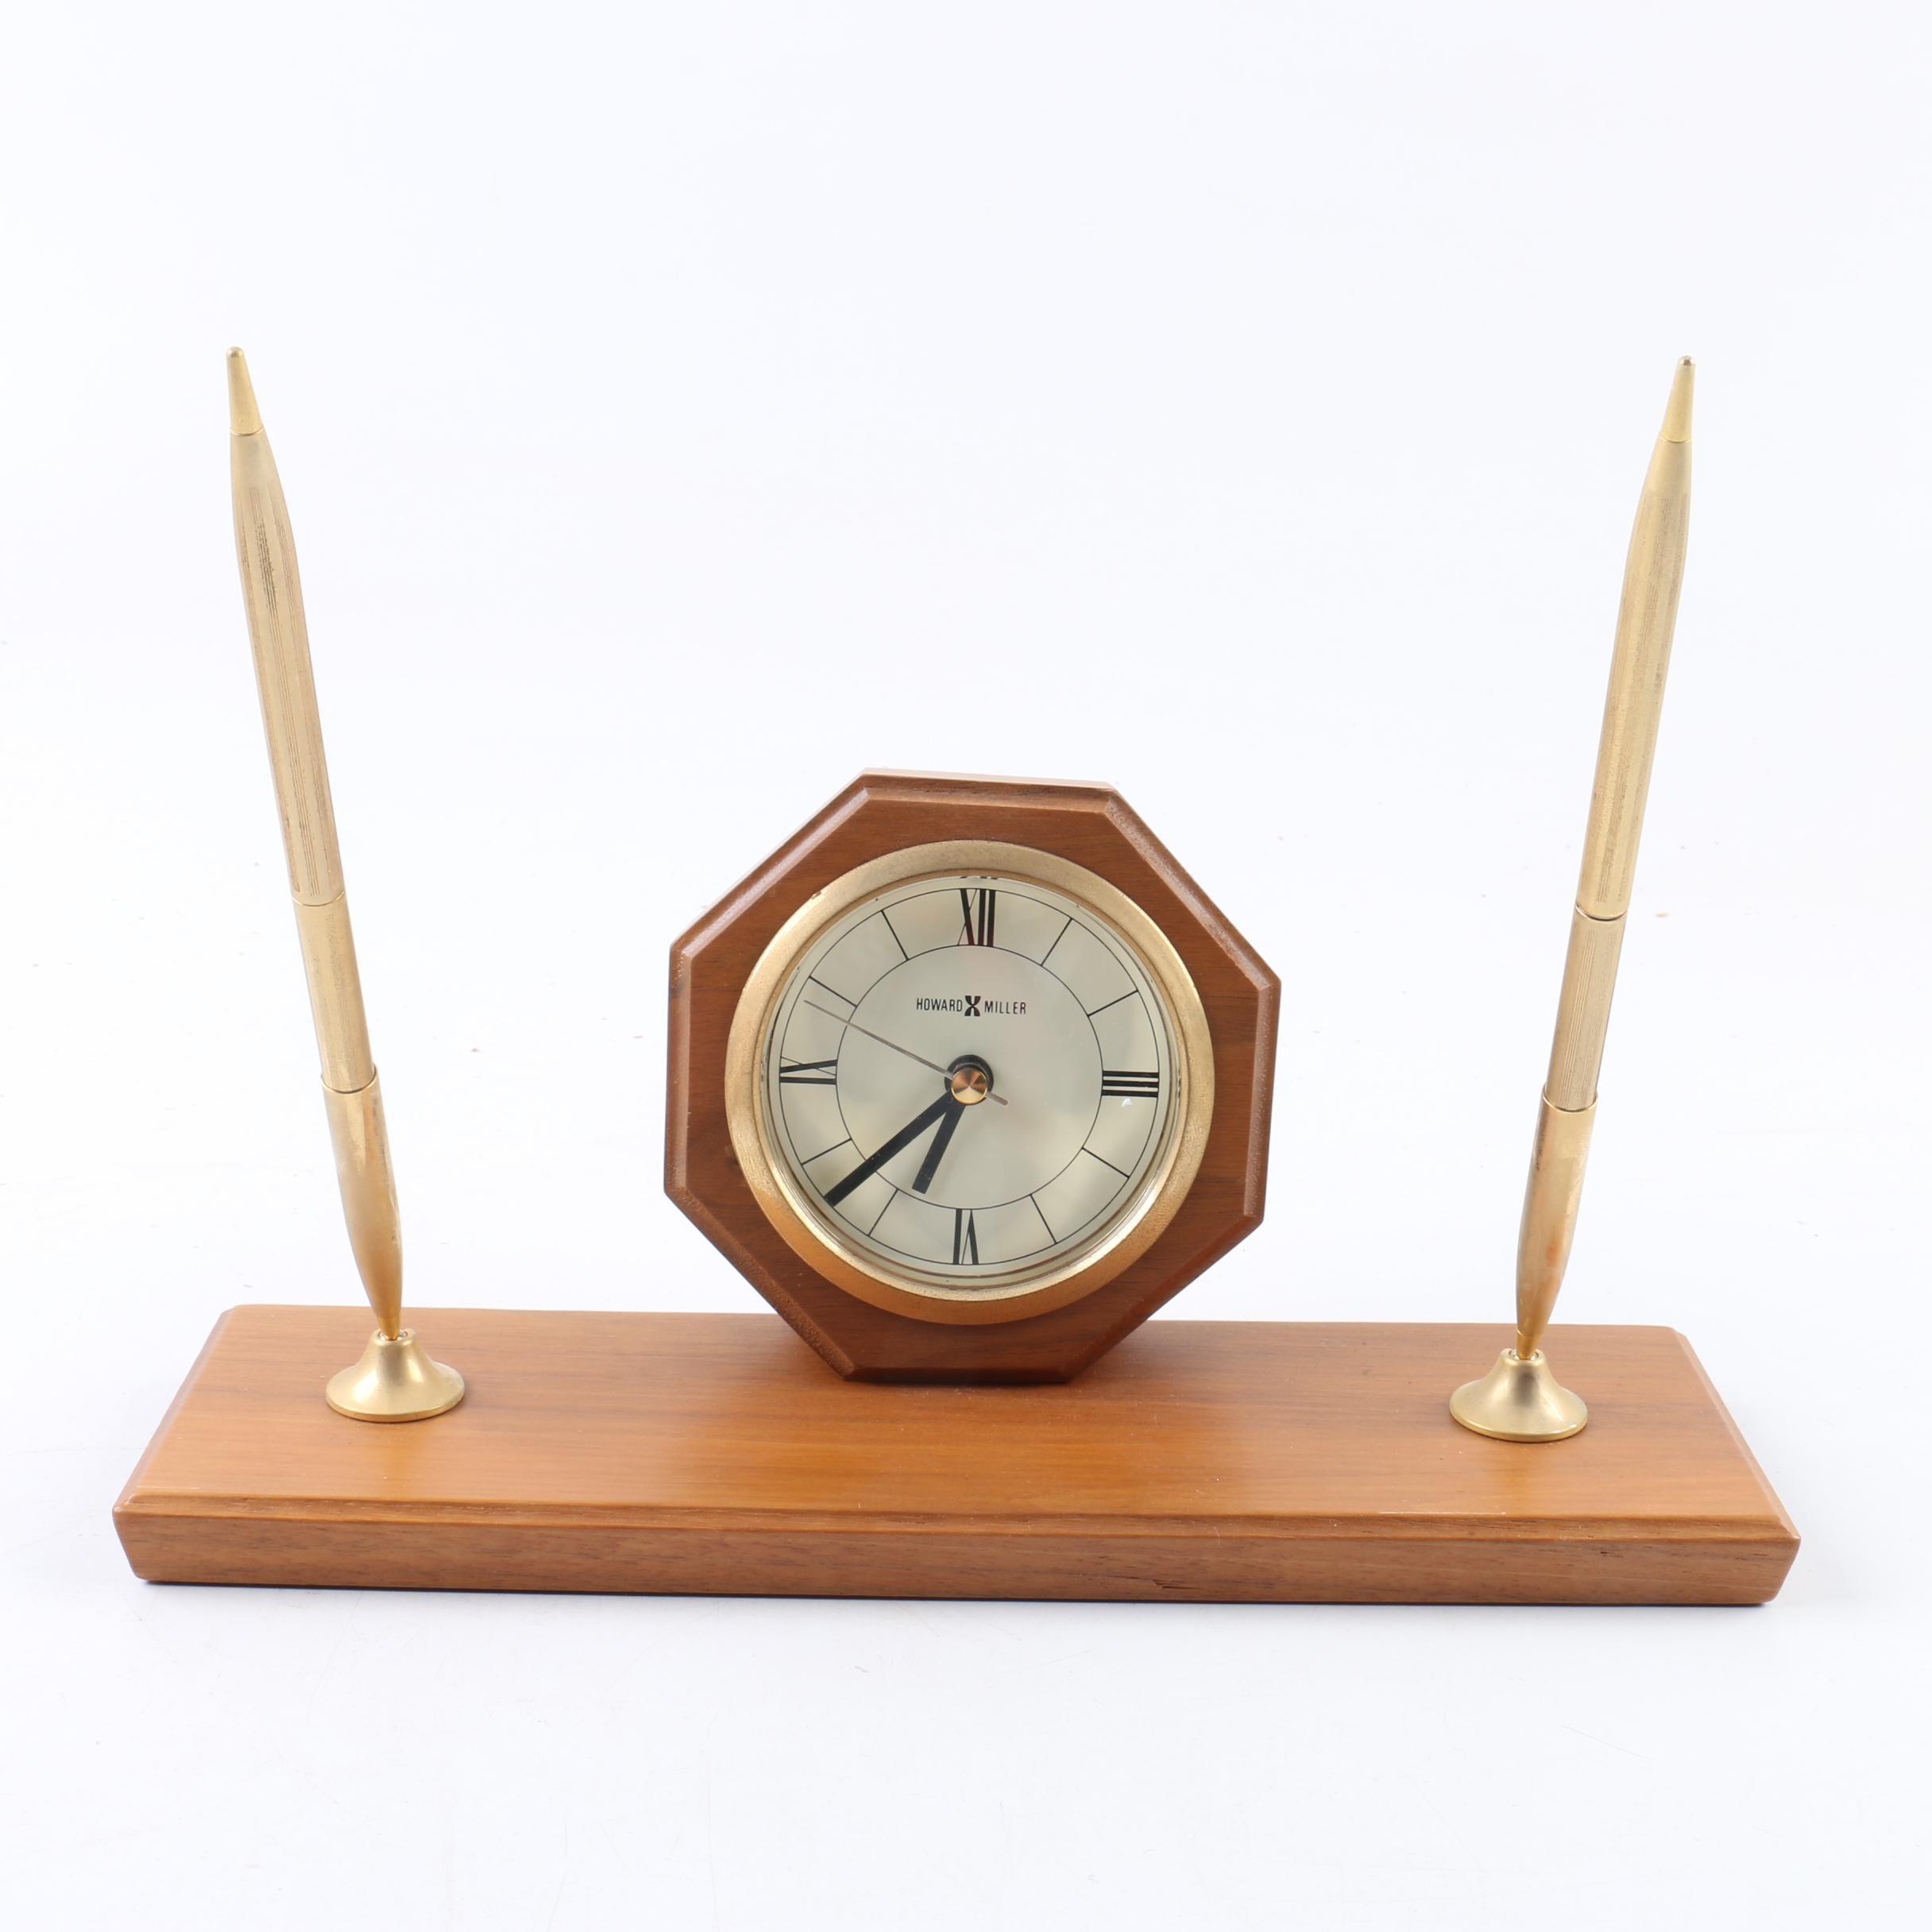 Howard Miller Desk Clock and Pen Set